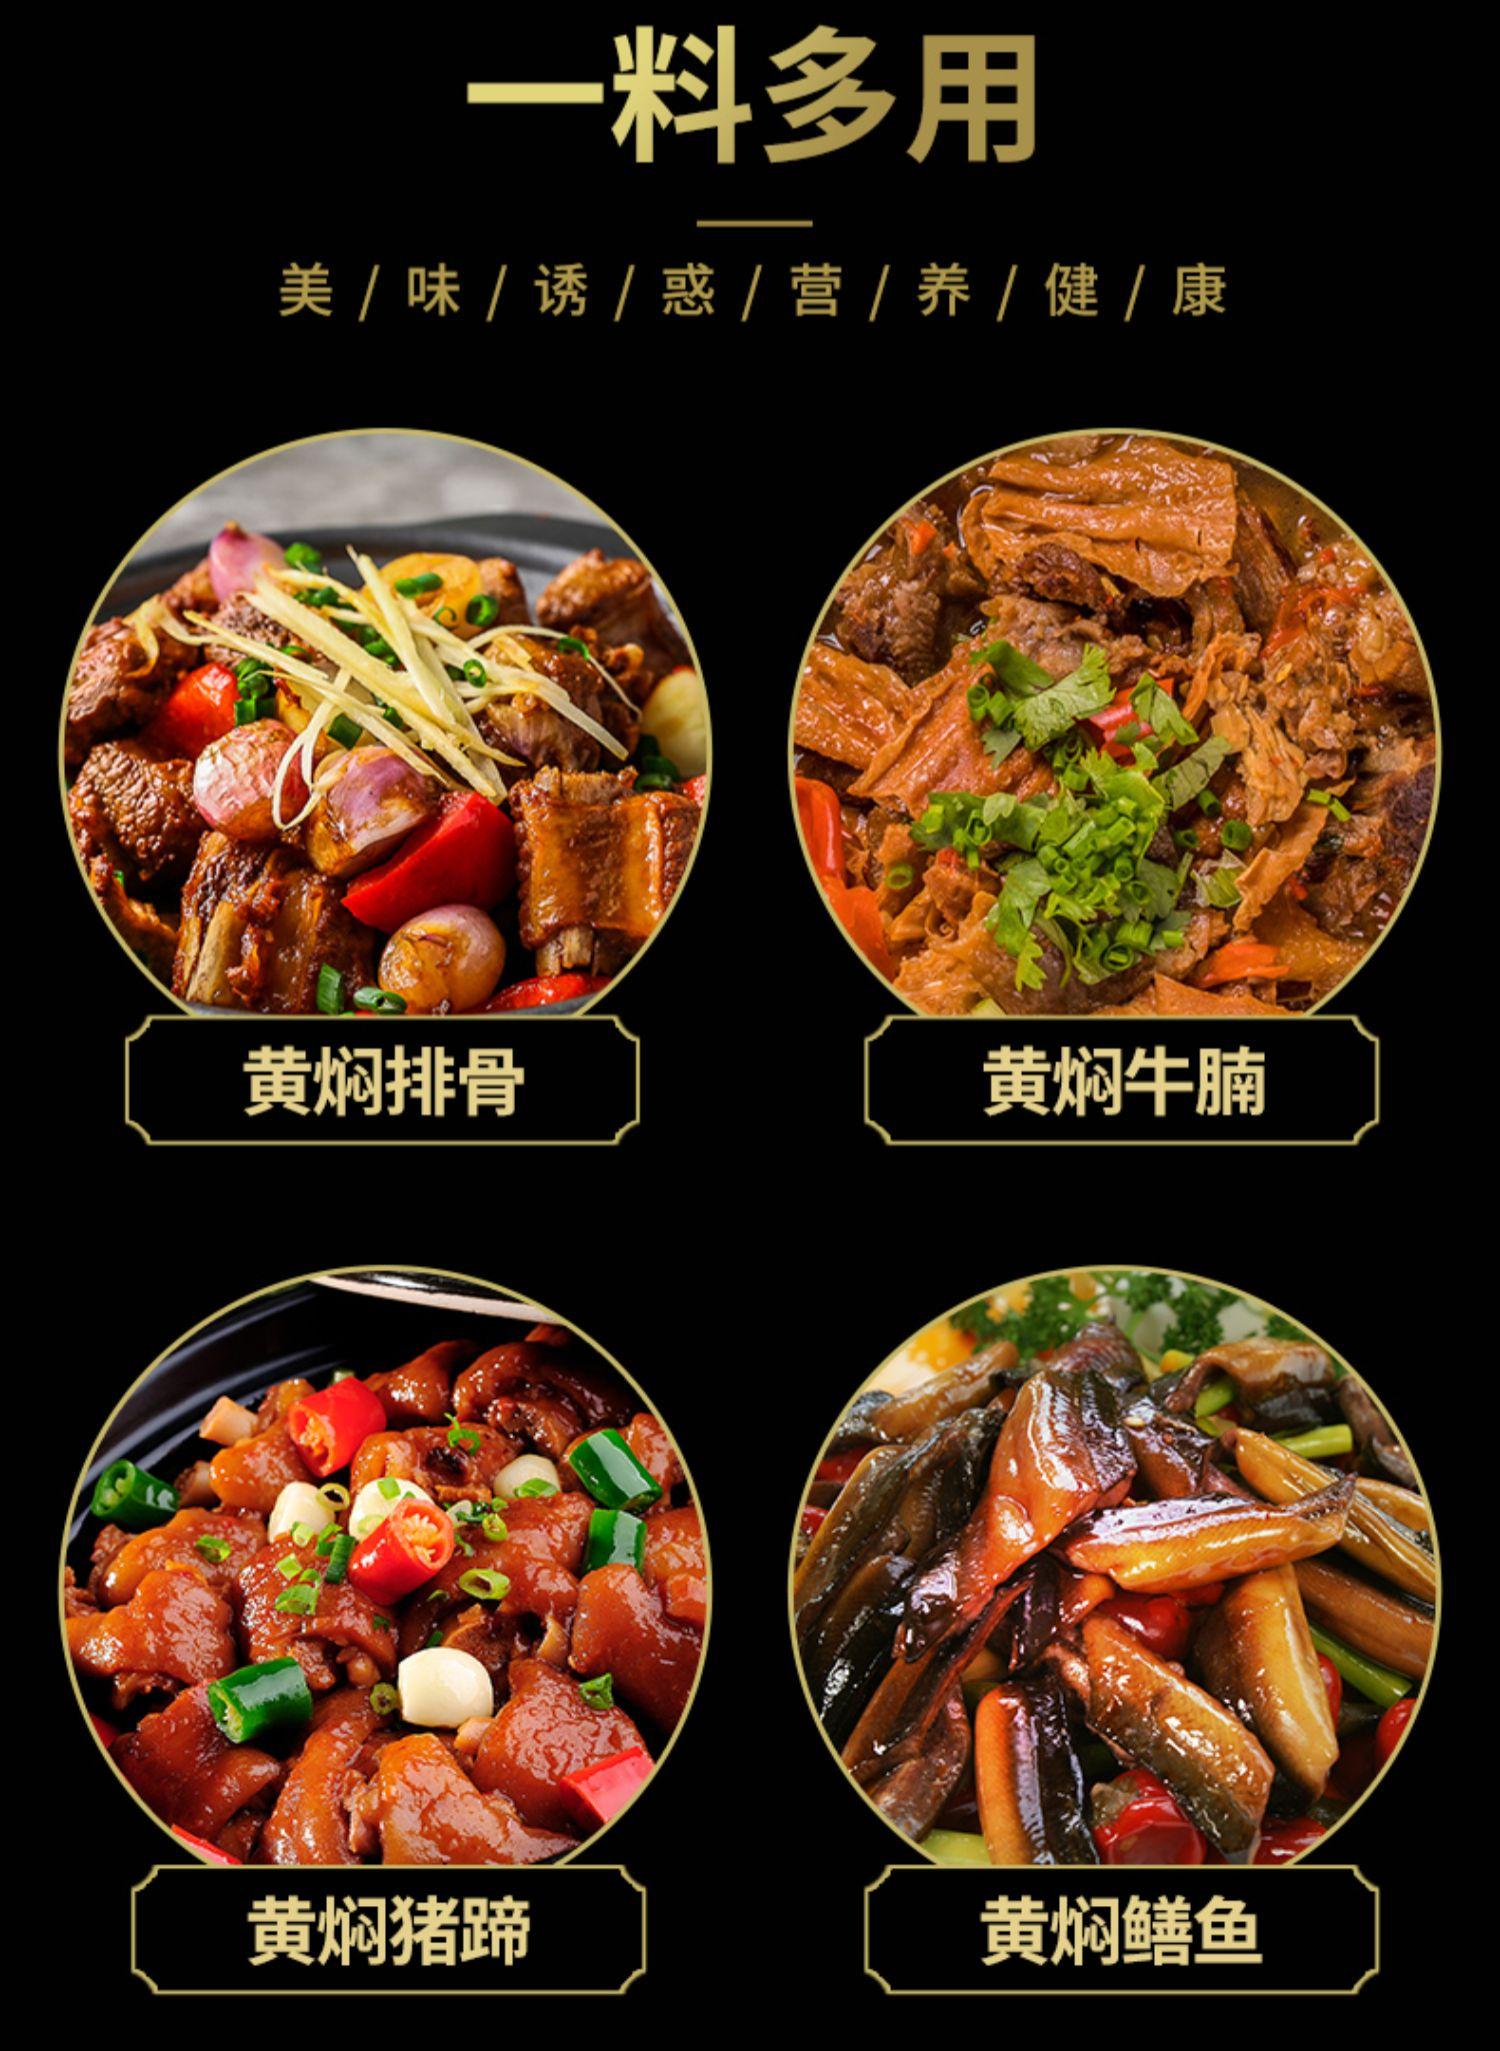 【可签到1~2】金佰滋黄焖鸡酱料100g